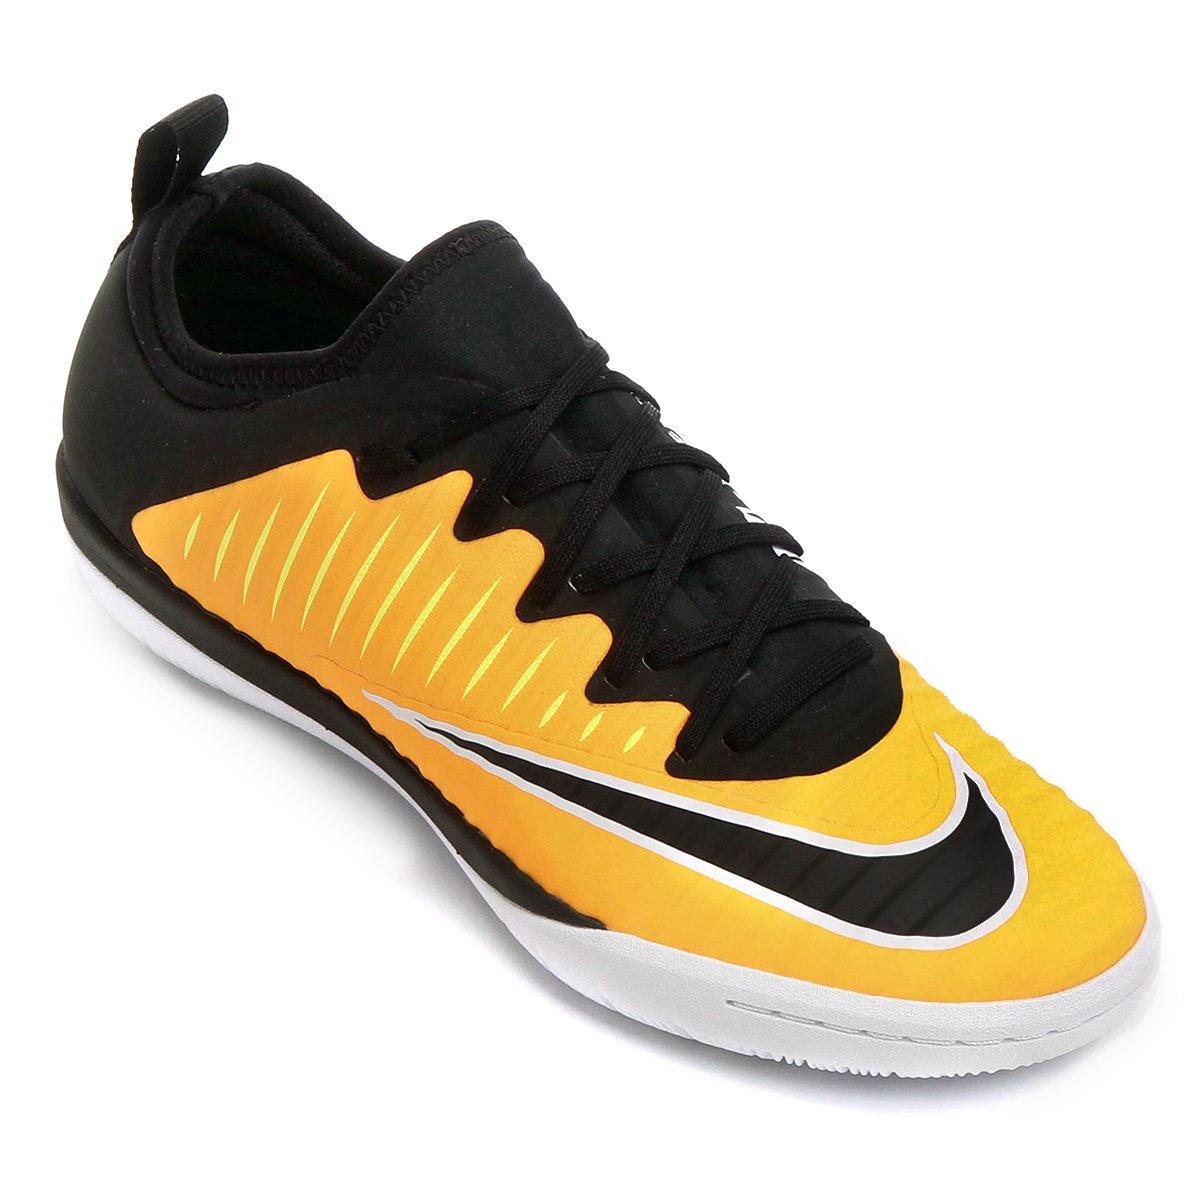 625a443815 Chuteira Futsal Nike Mercurial Finale 2 IC